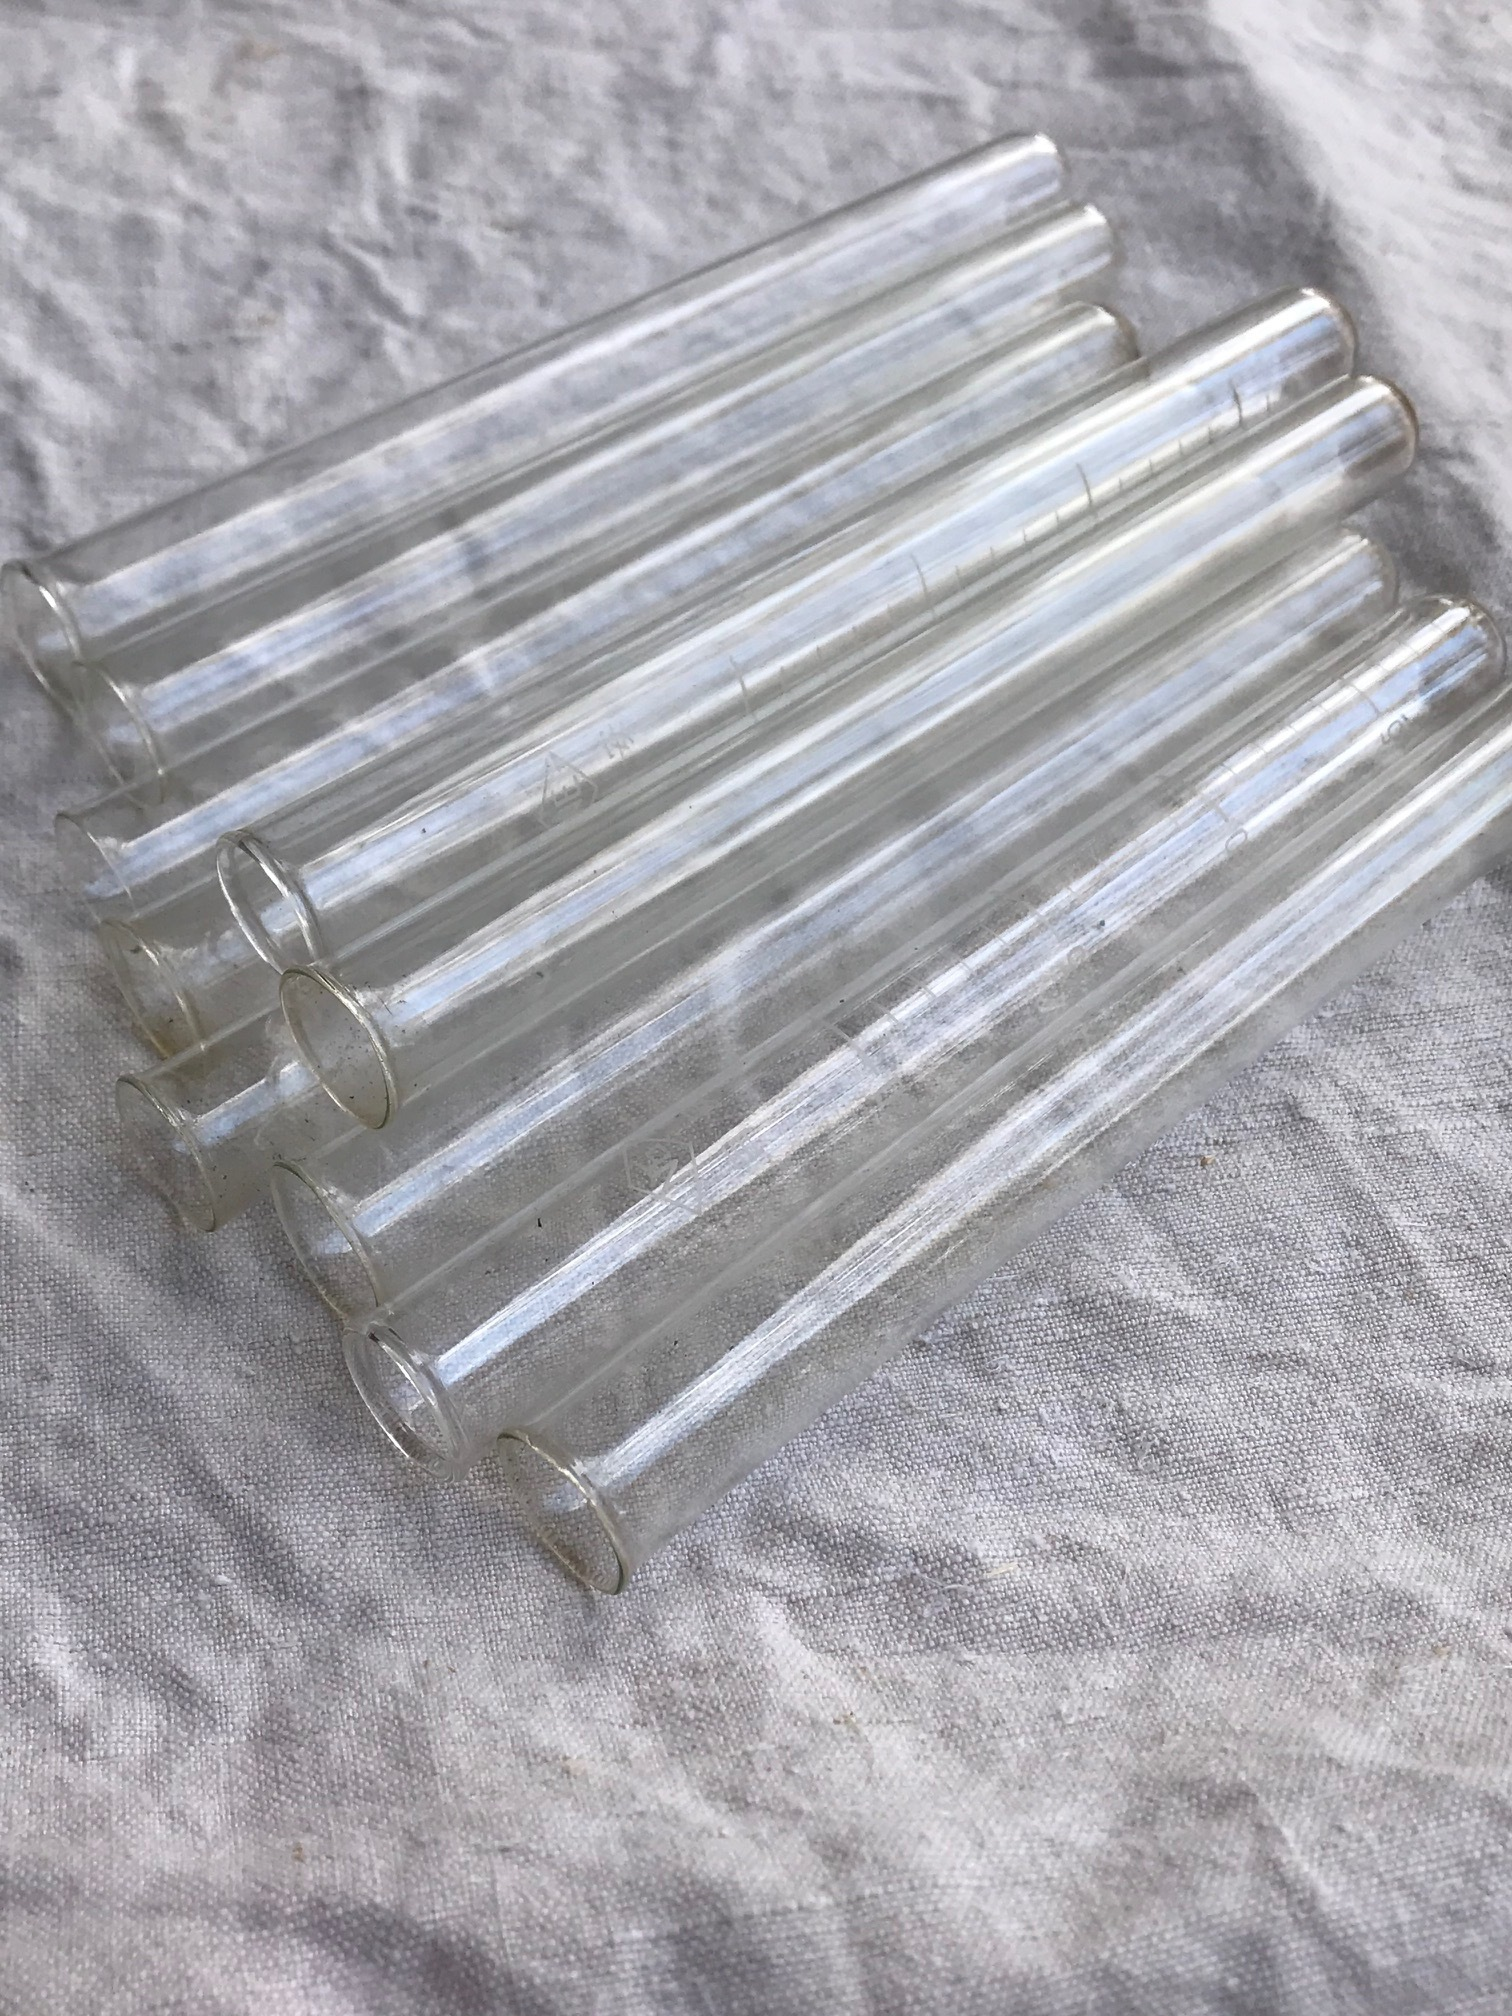 ジャンク ガラス試験管 理科器具 古道具 A